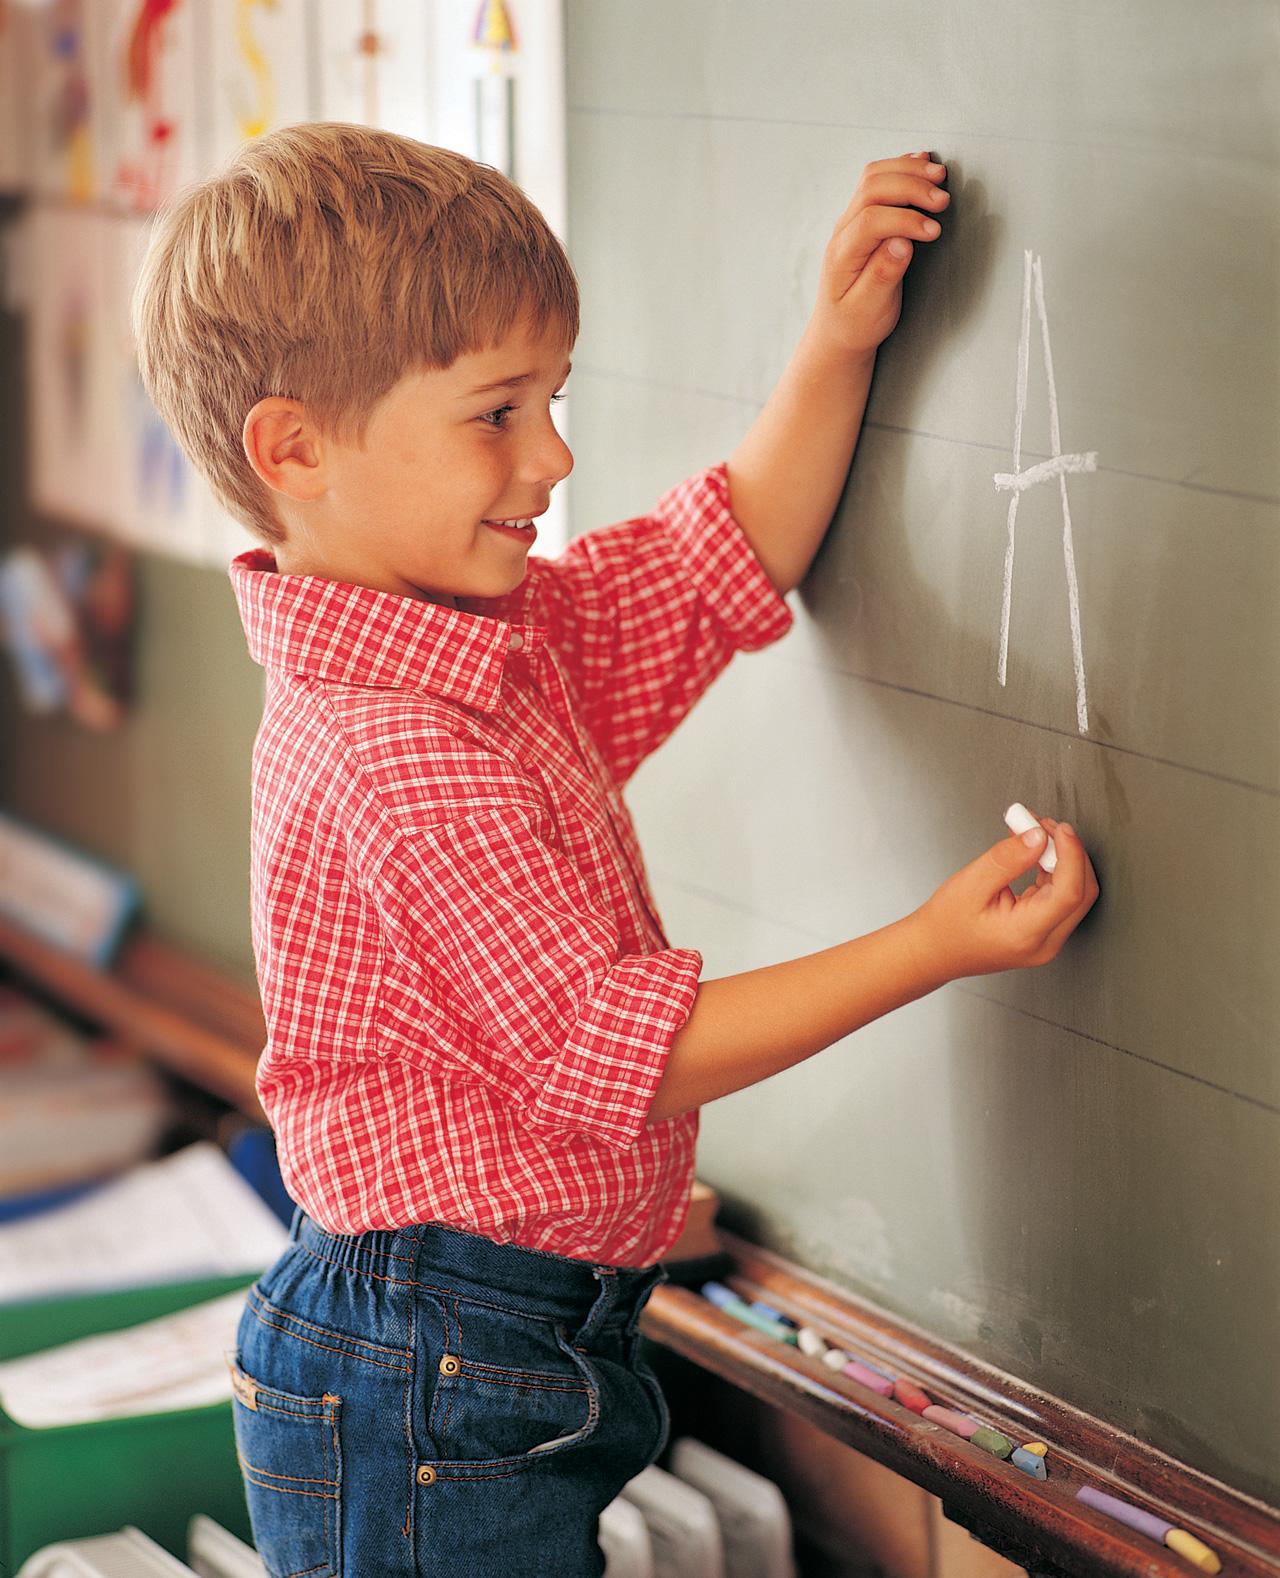 Дети школа бытьилинебыть самое